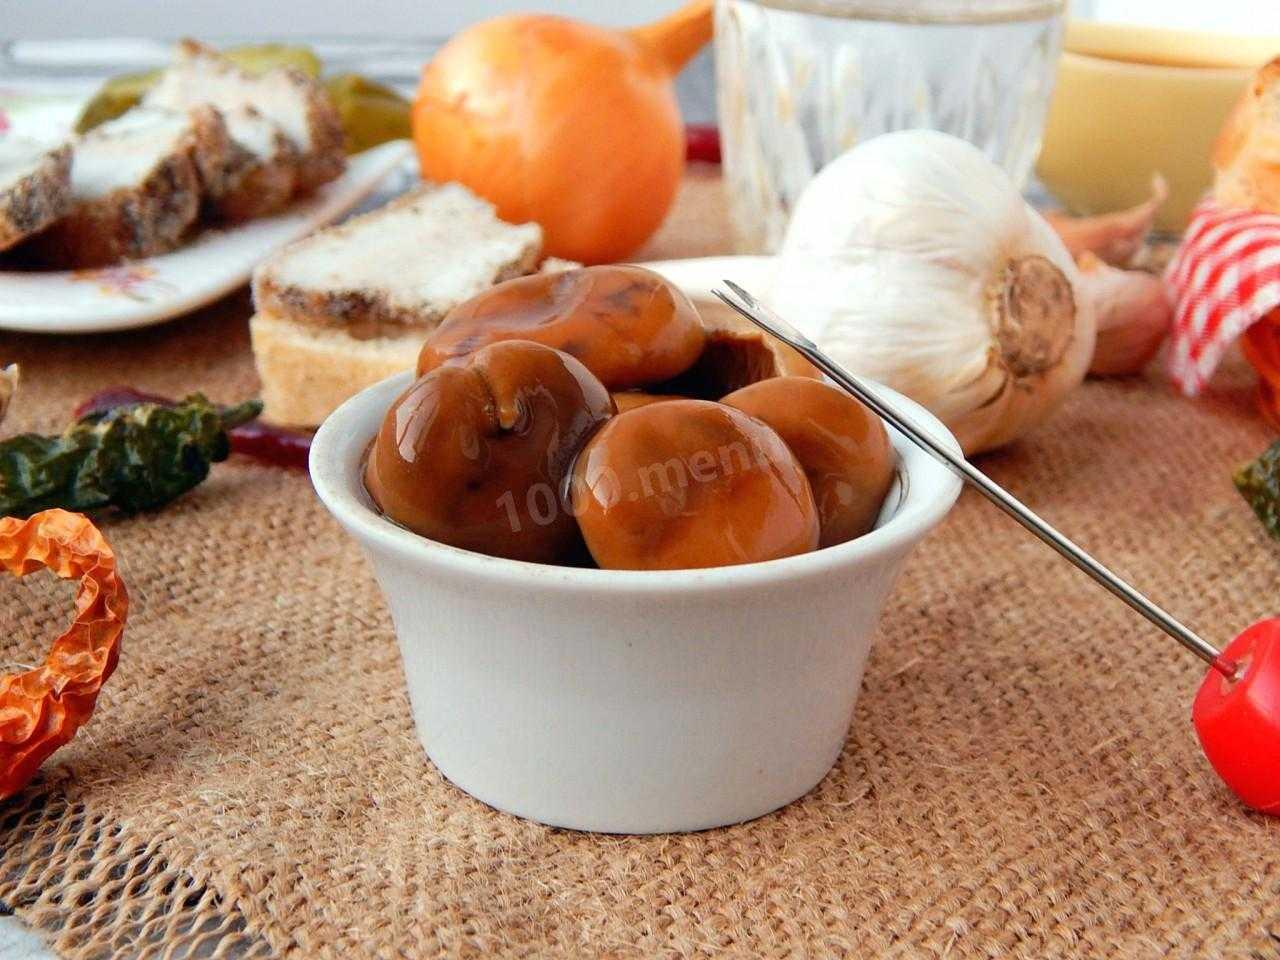 Какими способами можно солить моховики на зиму. Тонкости и советы опытных хозяек. Рецепты соления грибов в банках, эмалированной посуде, холодным и горячим способом.